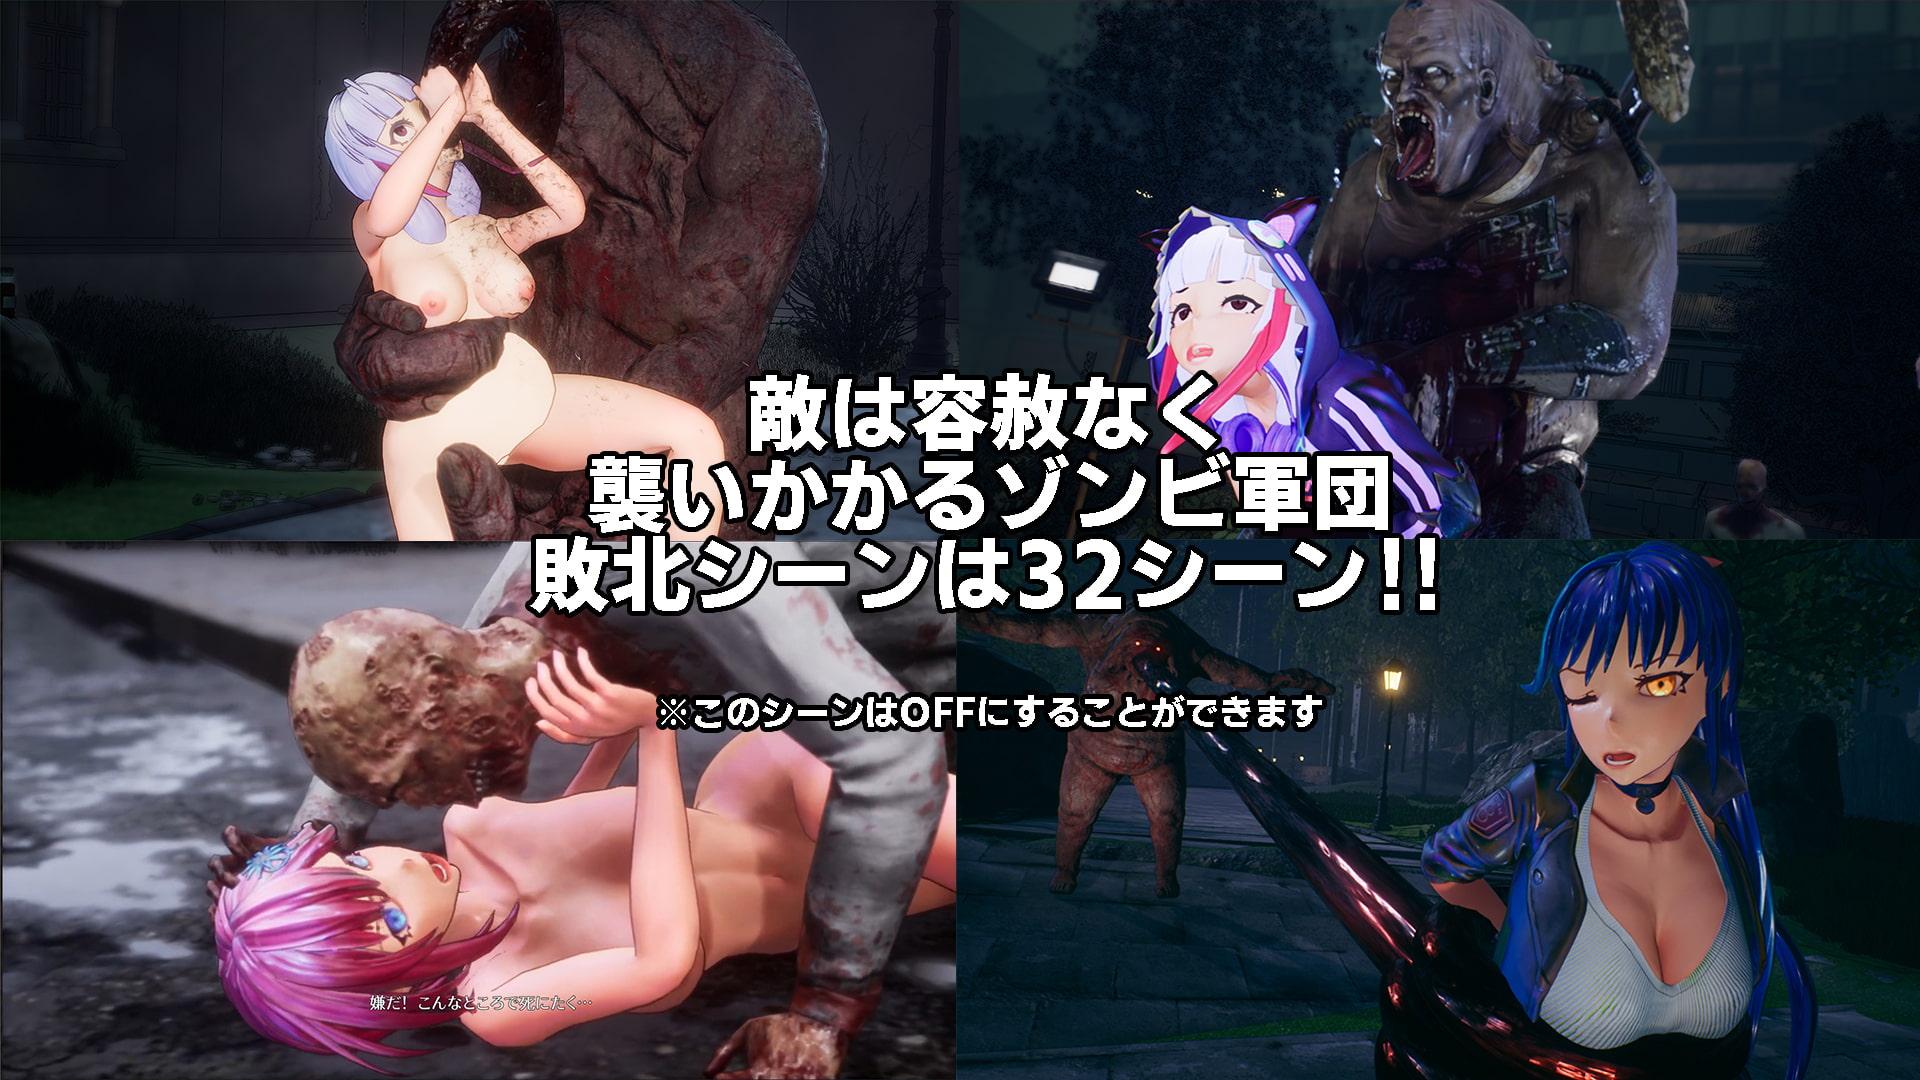 シードオブザデッド:スイートホーム【アダルトゲーム】(TeamKRAMA)7